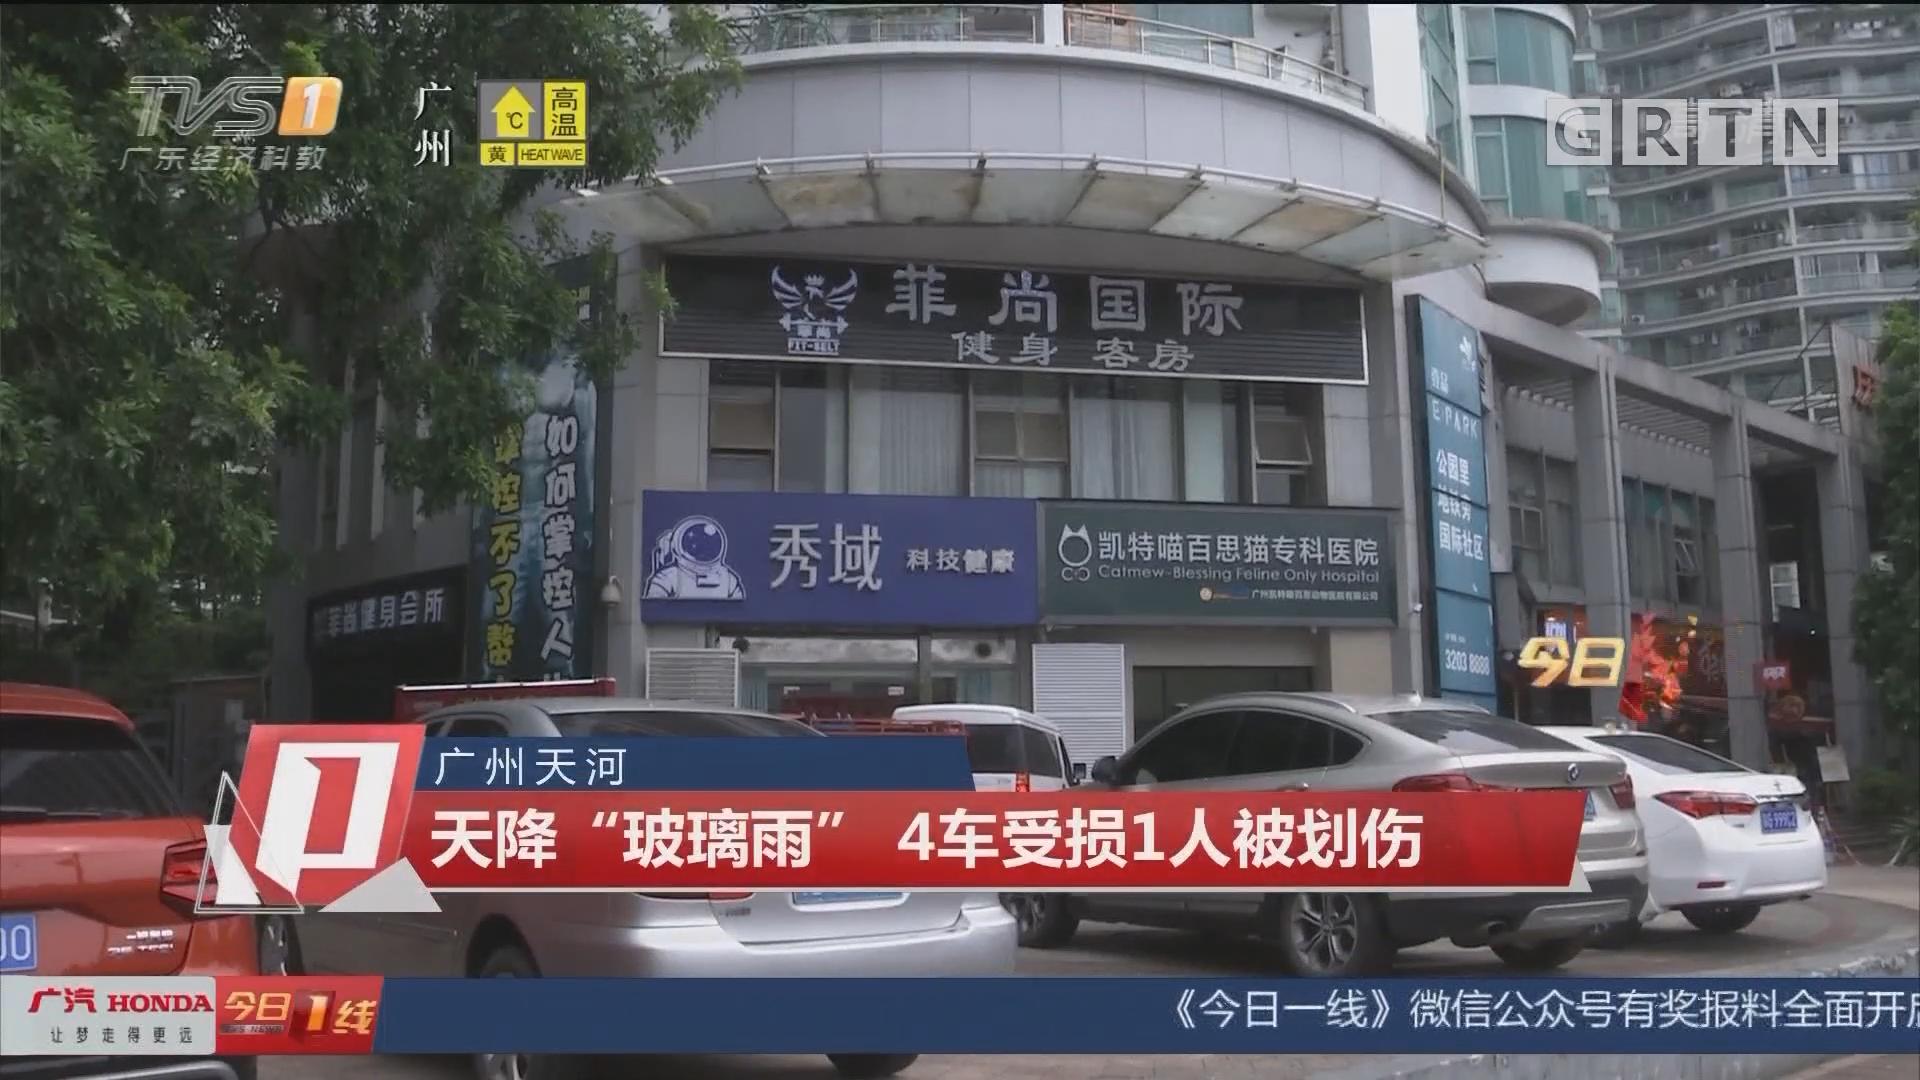 """广州天河:天降""""玻璃雨"""" 4车受损1人被划伤"""